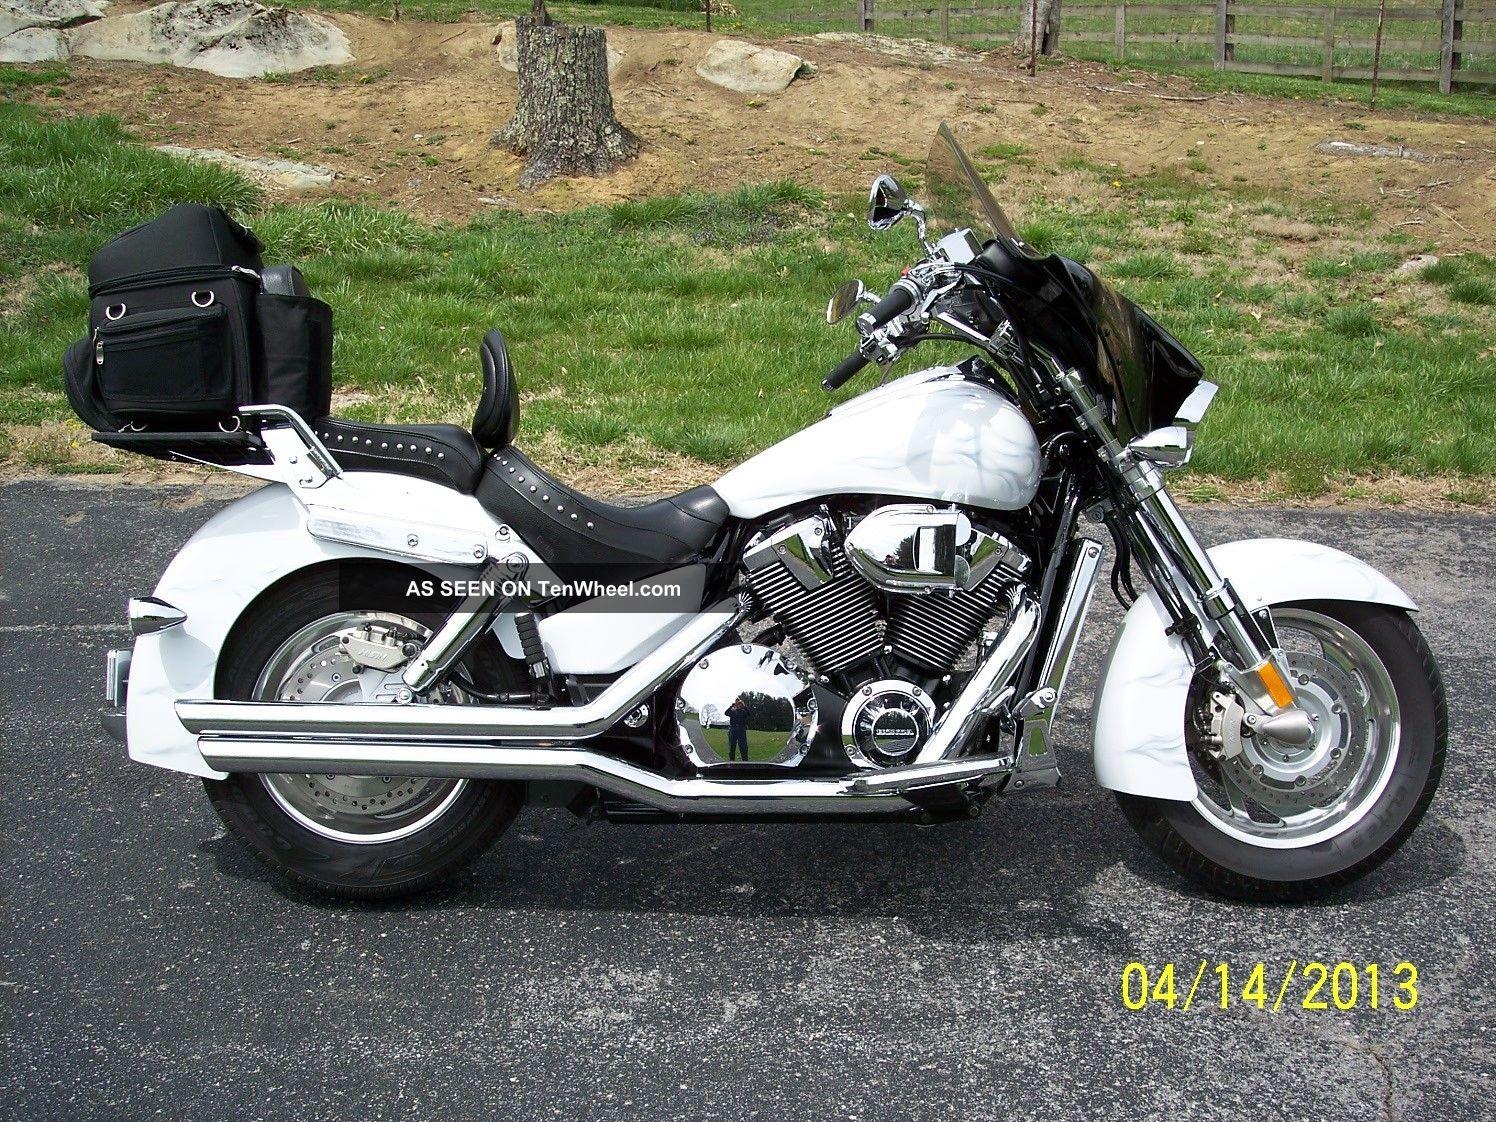 2005 Vtx1800n3 Spec3 Custom Paint VTX photo